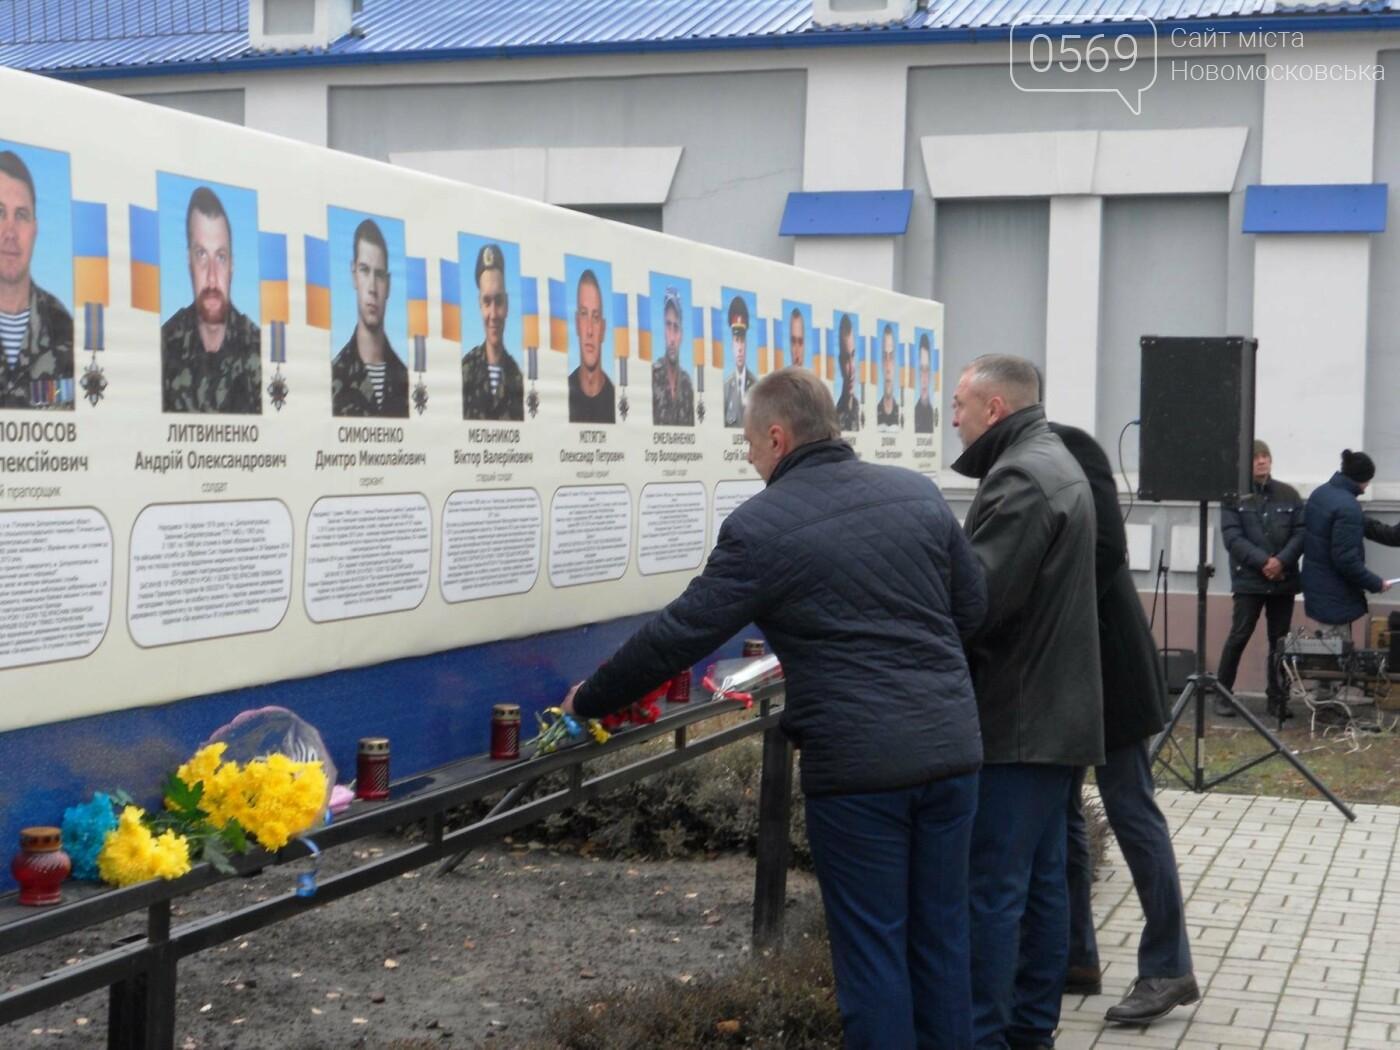 Як Новомосковськ відзначив День гідності та свободи, фото-4